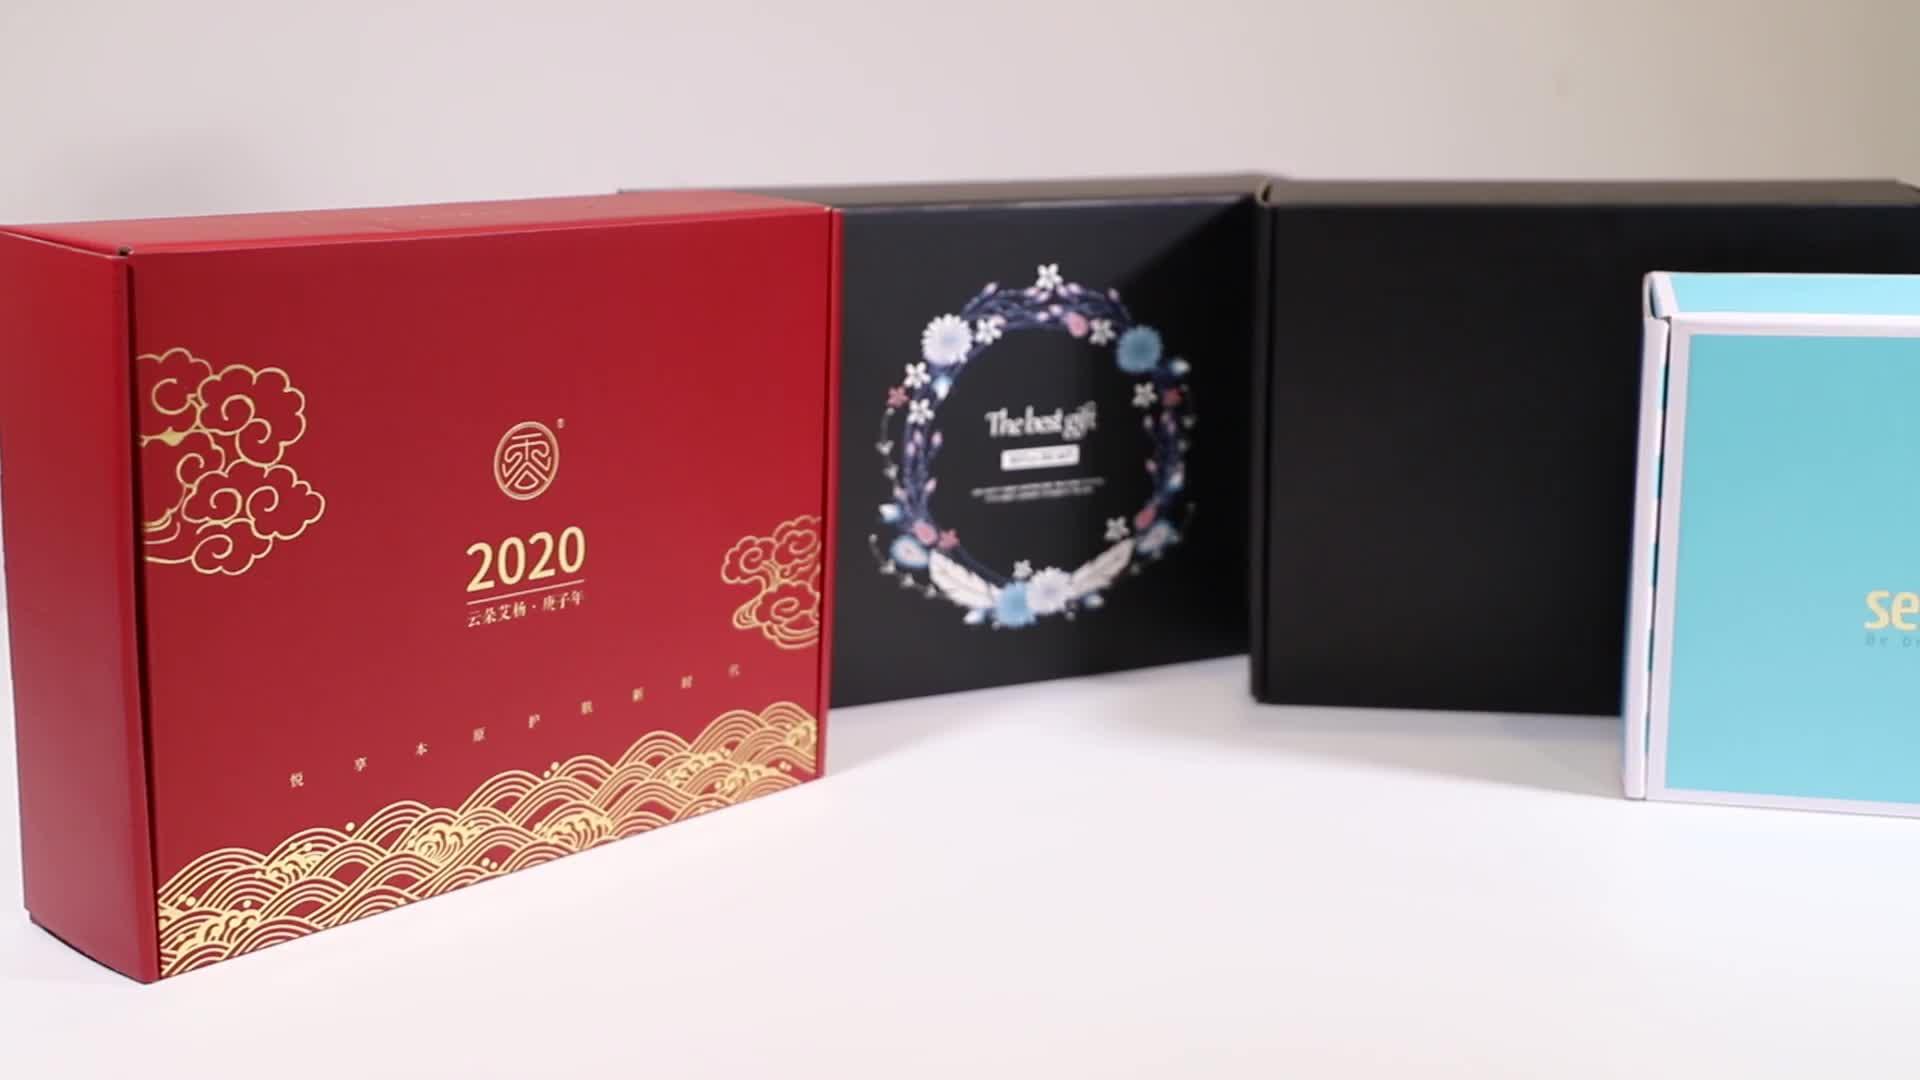 कस्टम लक्जरी गत्ता कागज परिधान कपड़े परिधान उपहार पैकेजिंग बॉक्स